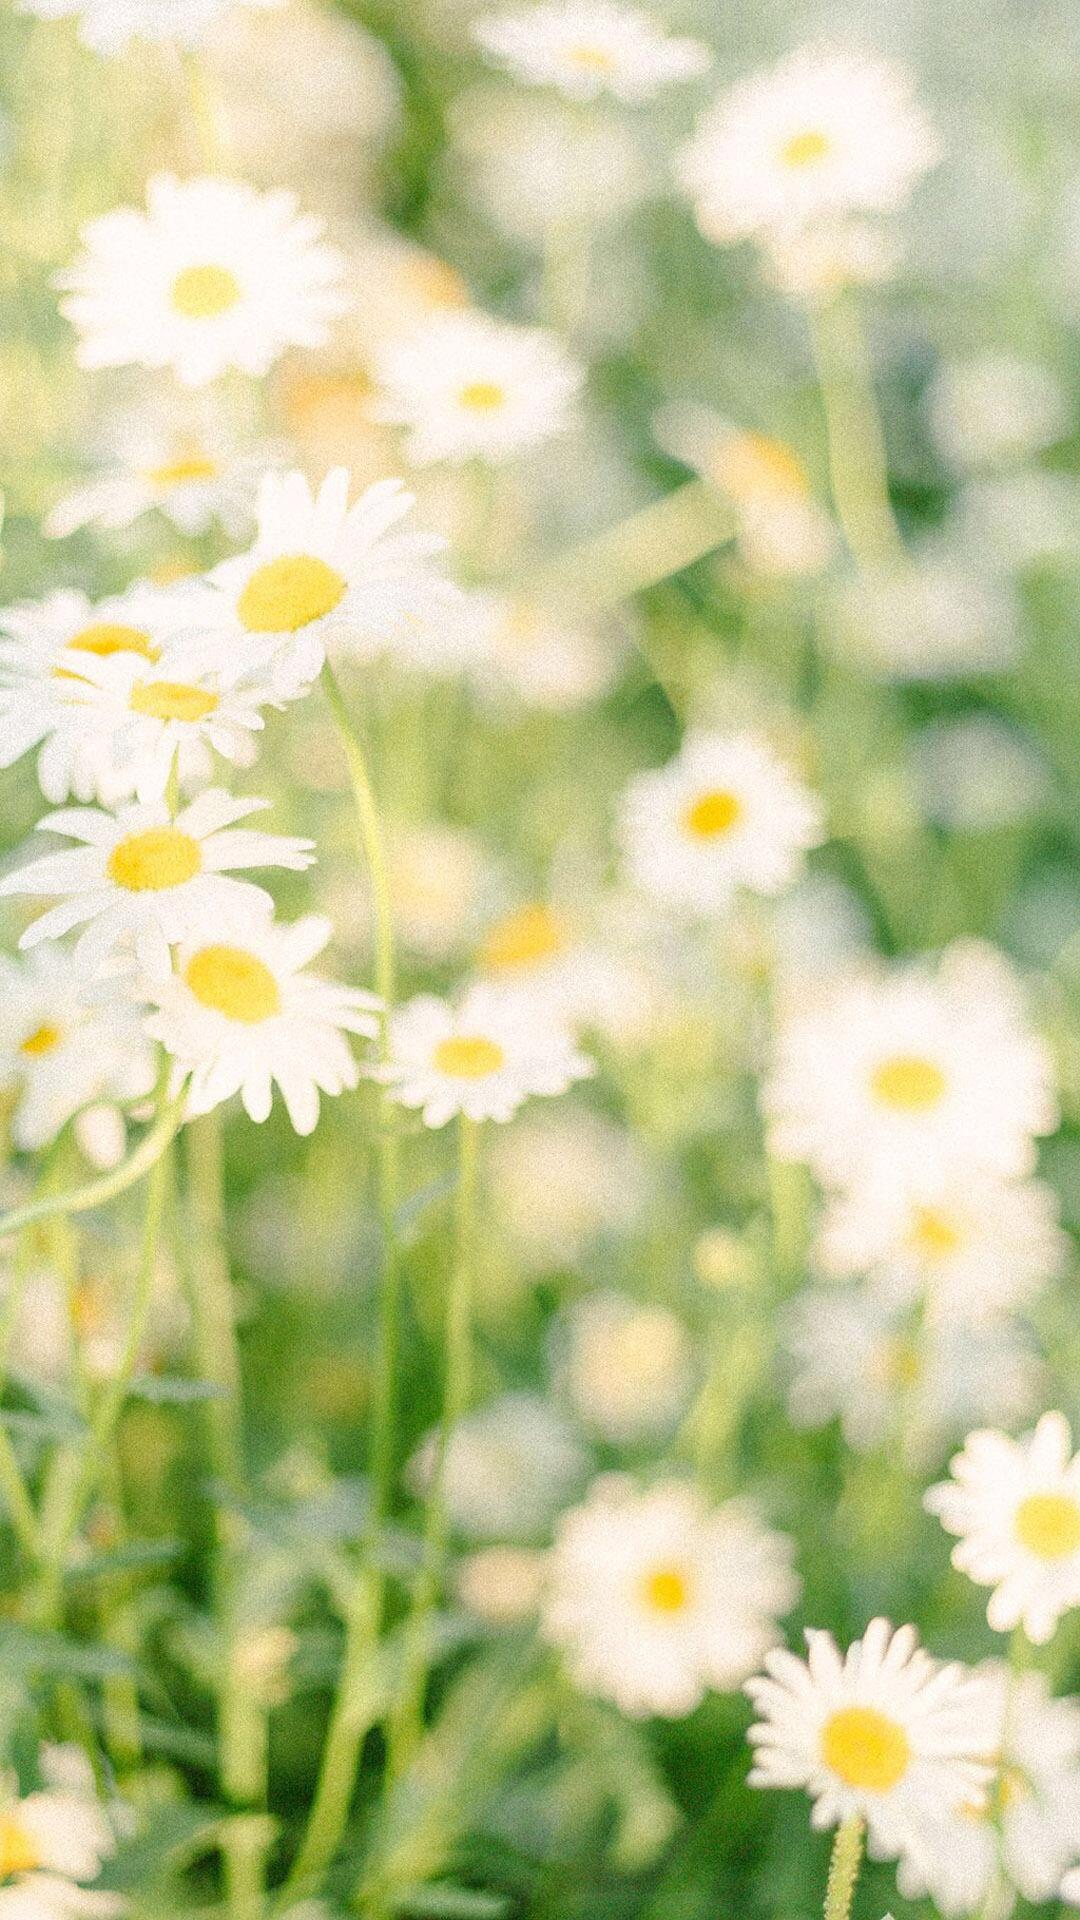 小清新护眼植物花卉摄影唯美日系苹果手机高清壁纸图片